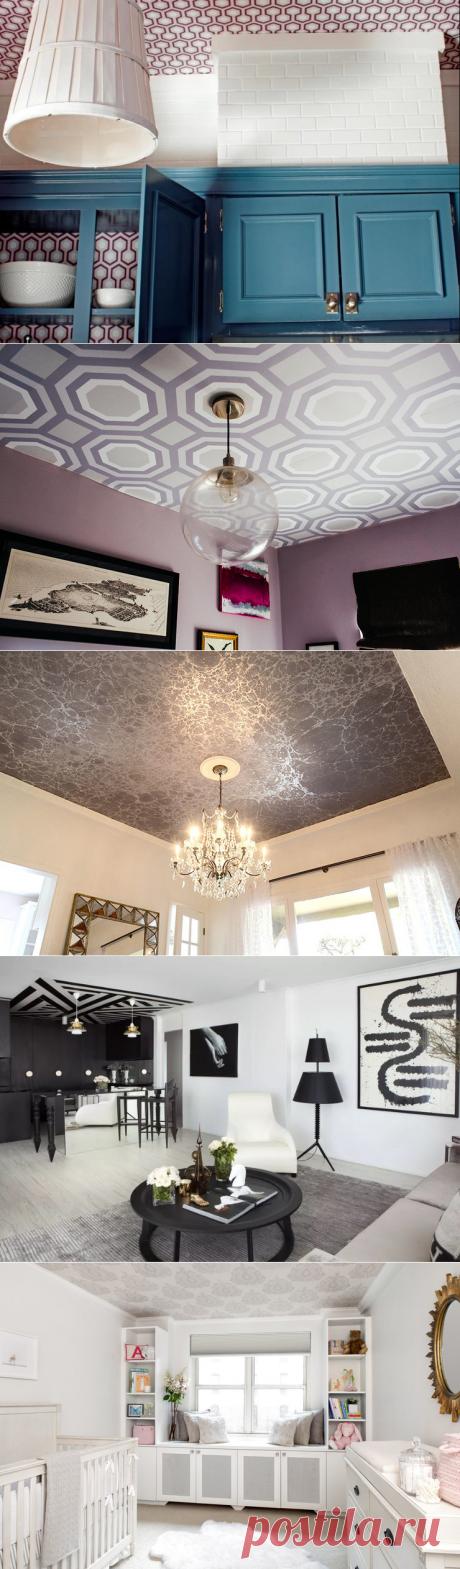 Идеи дизайна с обоями на потолке | Журнал Домашний очаг